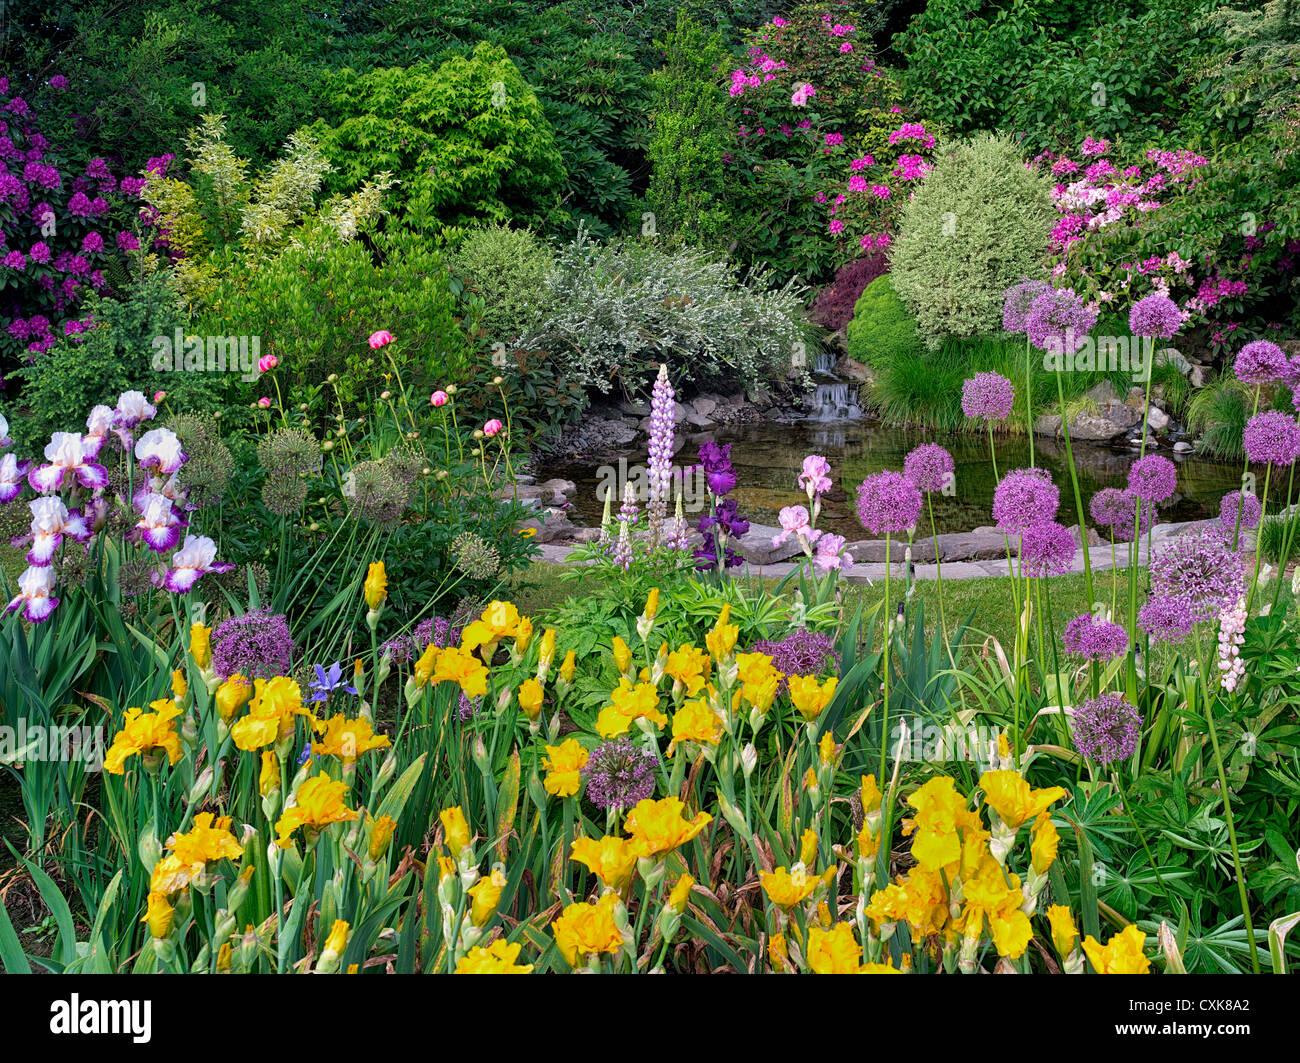 Pond with flower garden. Schrieners Iris Gardens, Salem, Oregon. - Stock Image